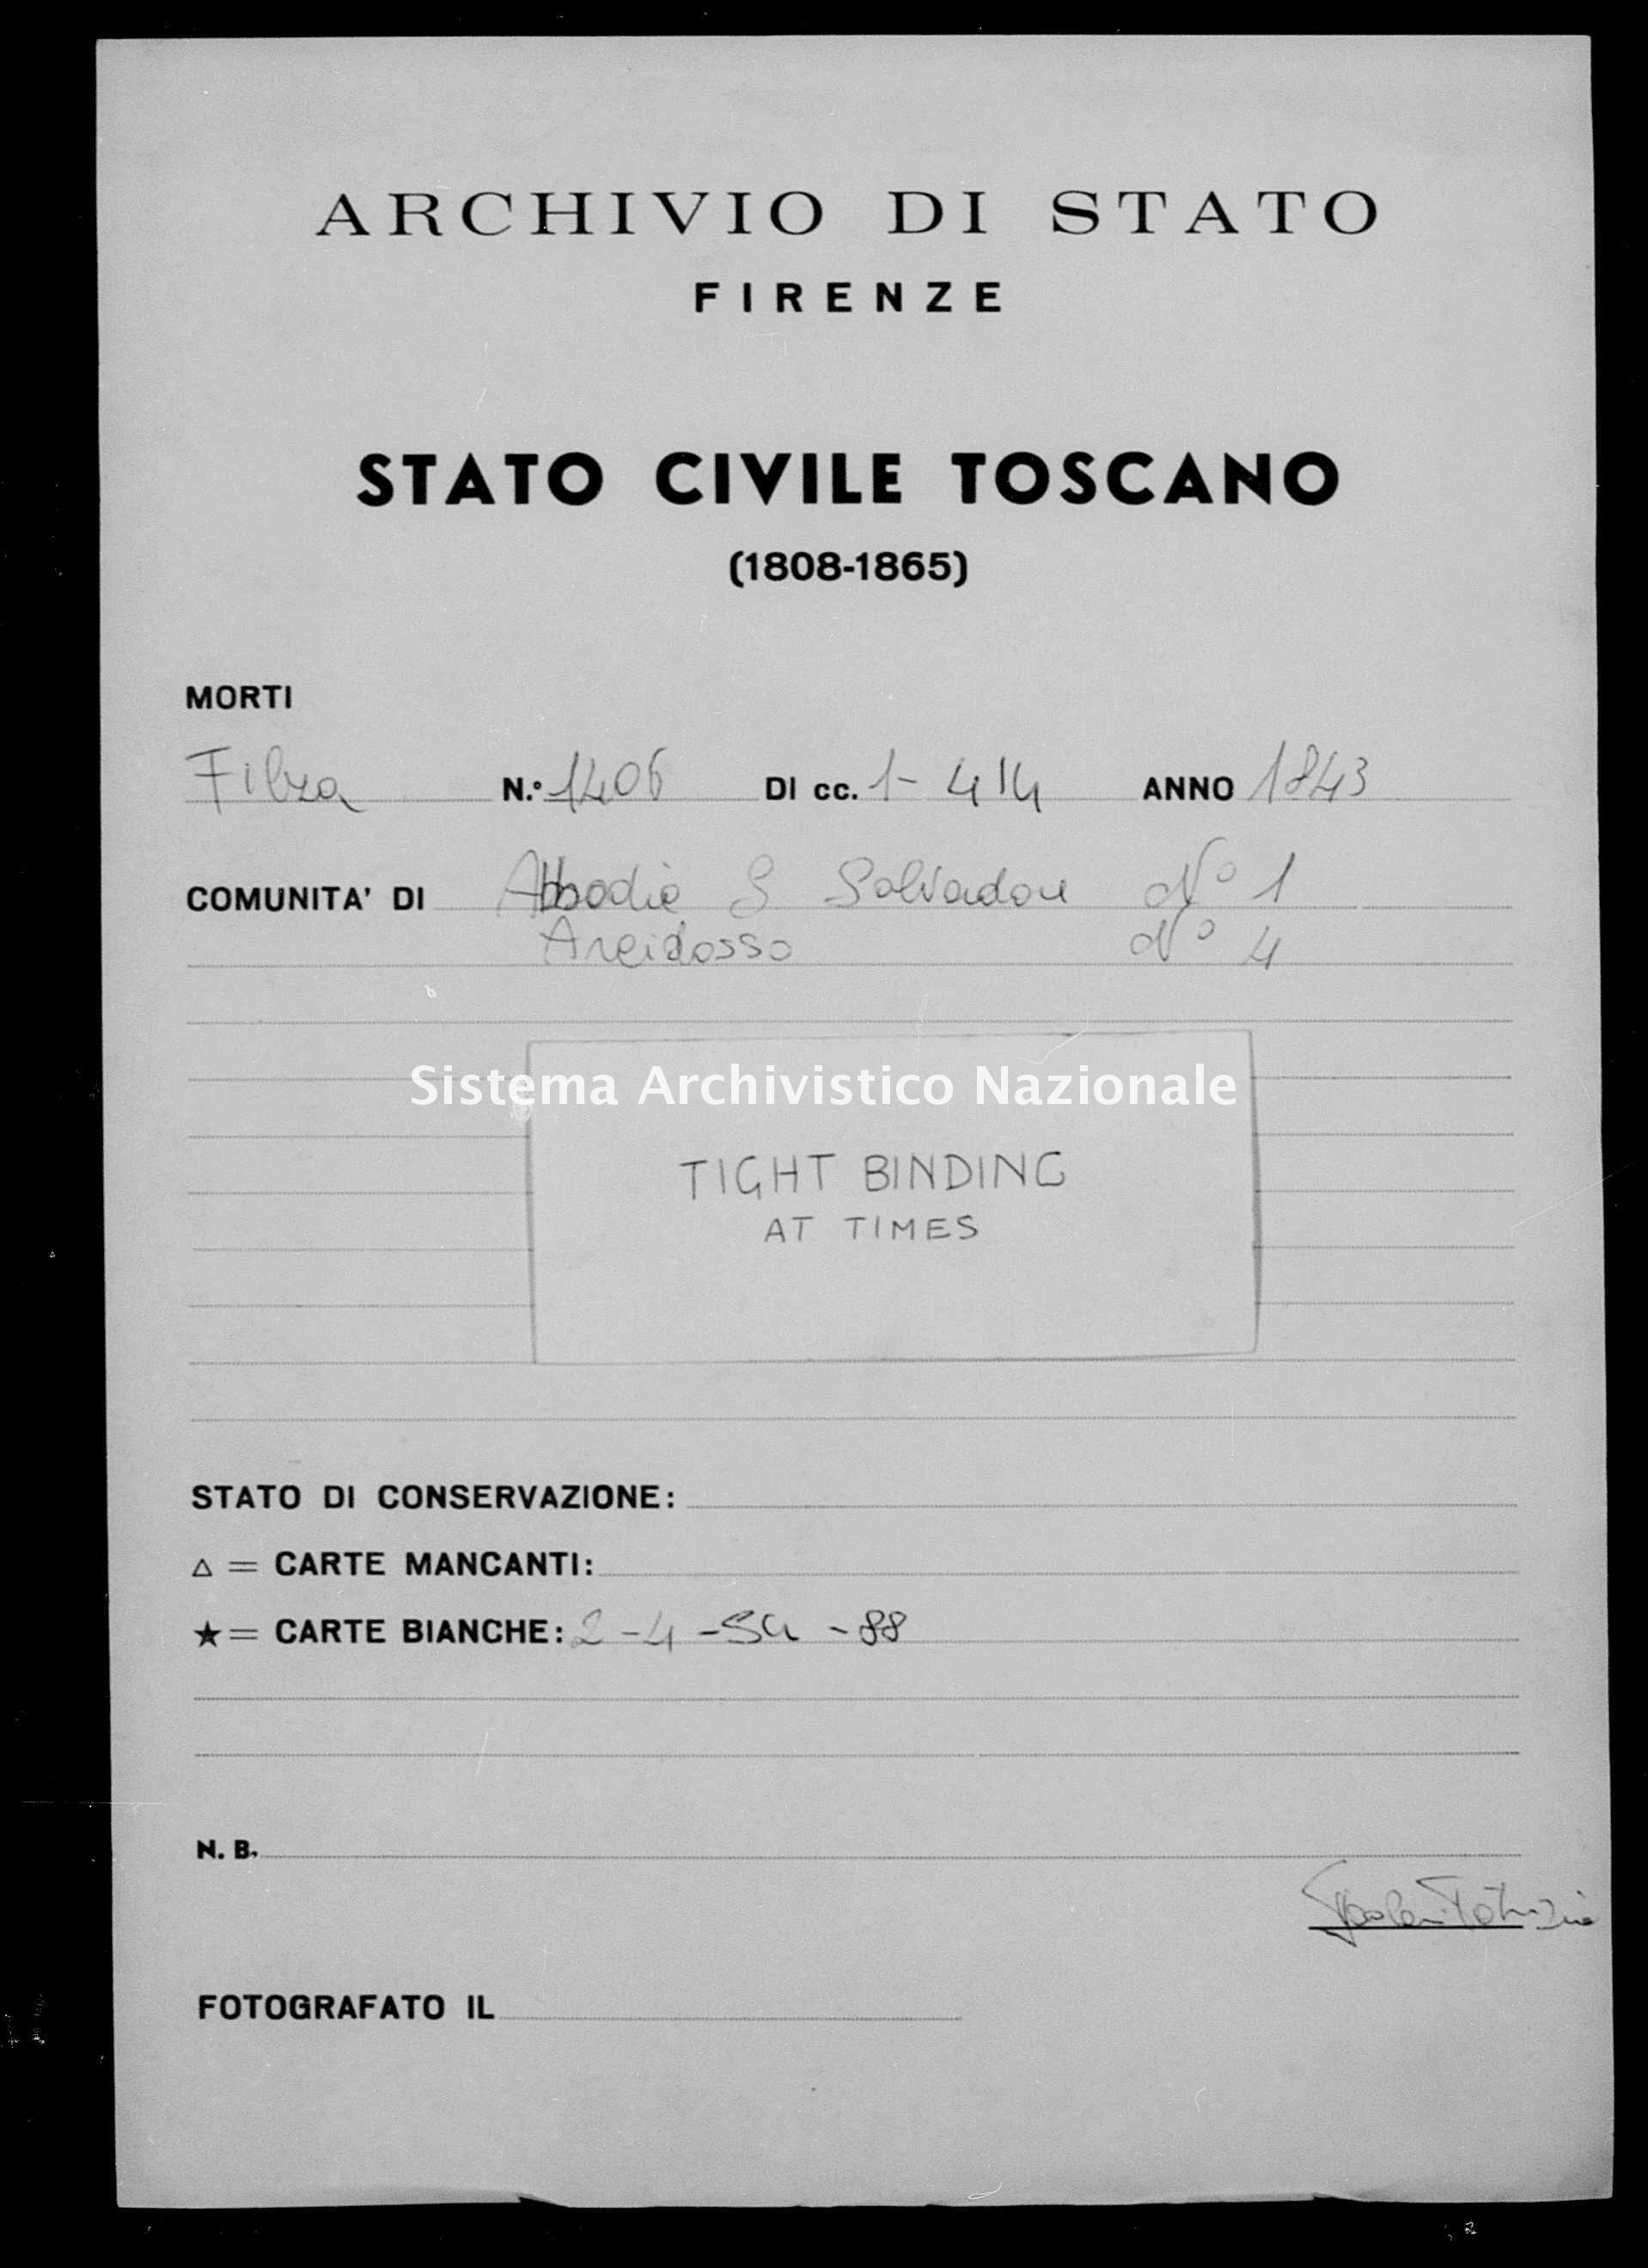 Archivio di stato di Firenze - Stato civile della restaurazione - Abbadia San Salvatore - Morti - 1843 - 1406 -